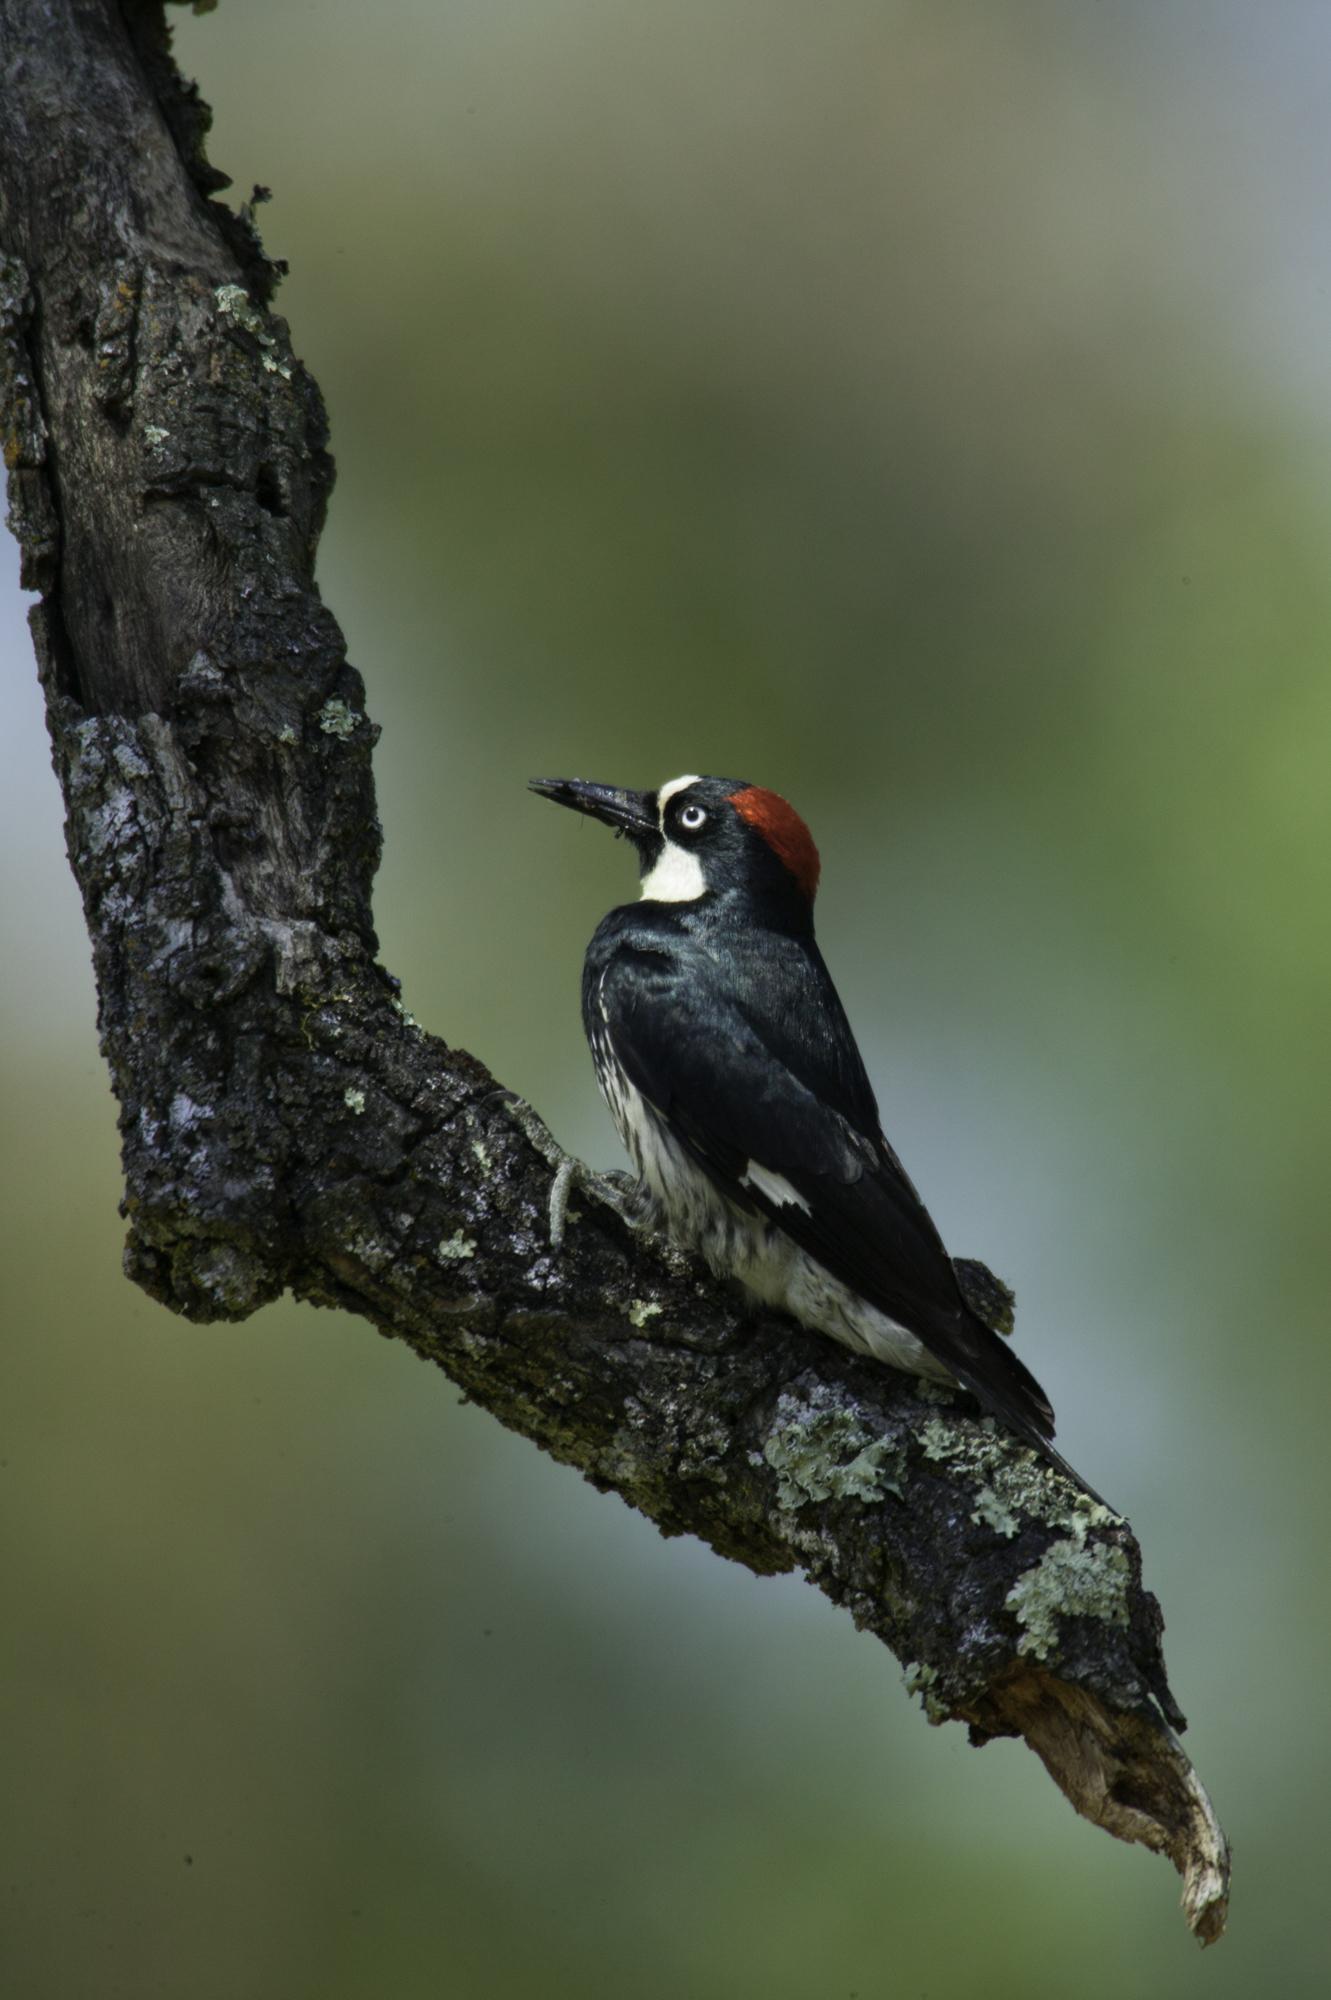 橡树啄木鸟